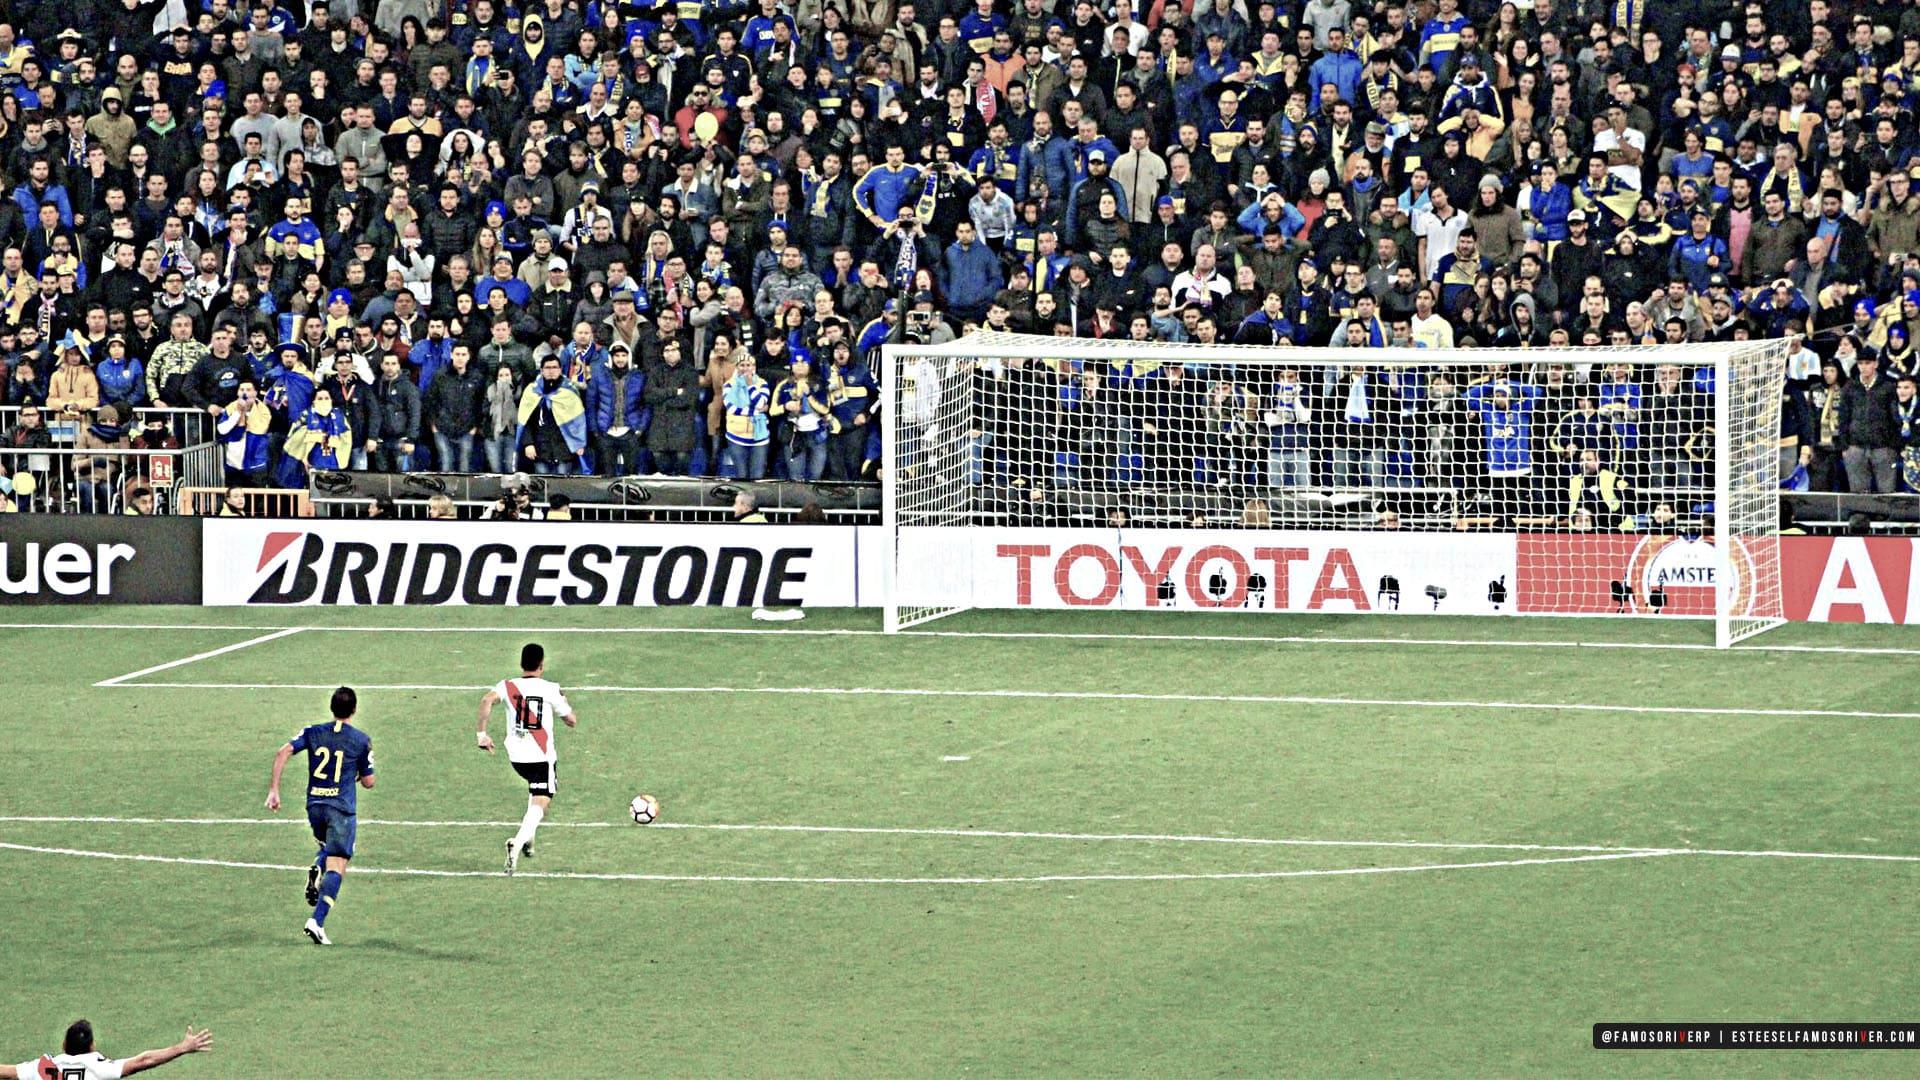 imagenes-de-River-Plate-para-fondos-de-pantalla-wallpaper-de-River- Pity gol a boca en la final de la copa Libertadores. Y va el tercero y va el tercero bernabeu. Pity corriendo solo al gol